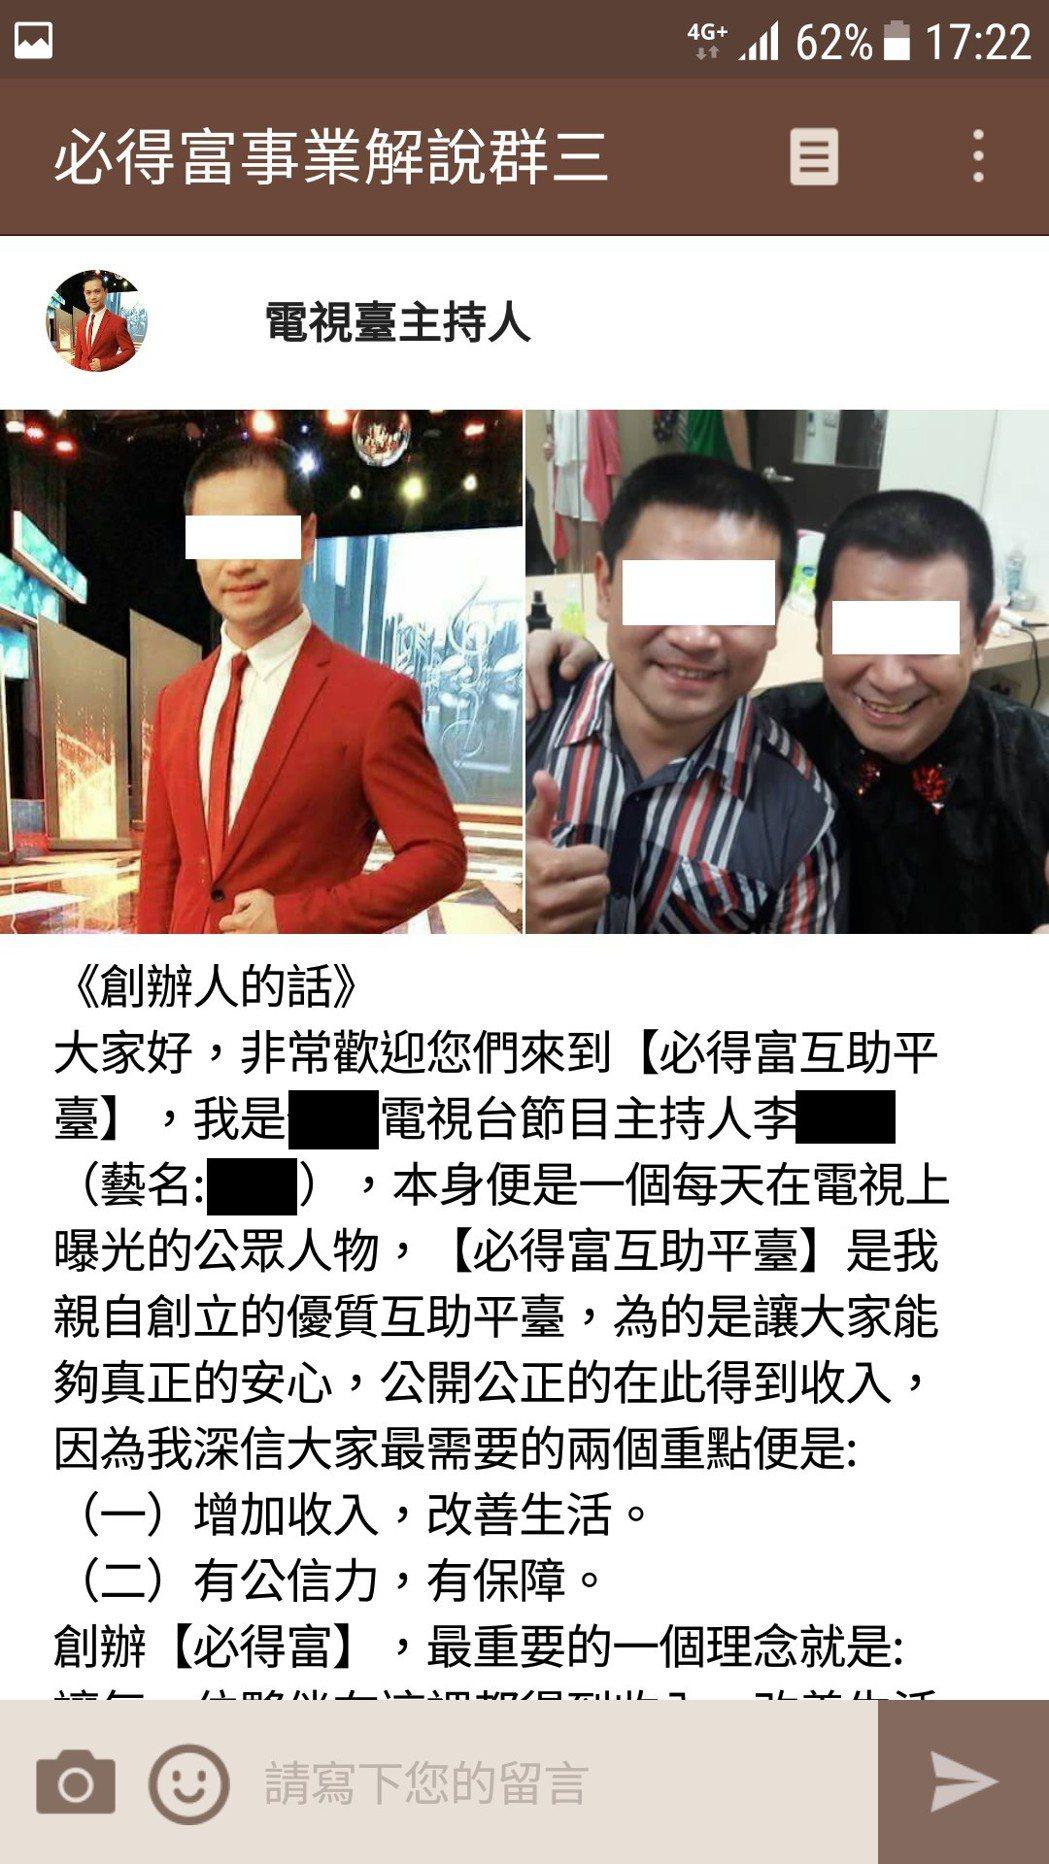 李姓前地方電視台主持人, 透過網路招募會員吸金。記者卜敏正/翻攝